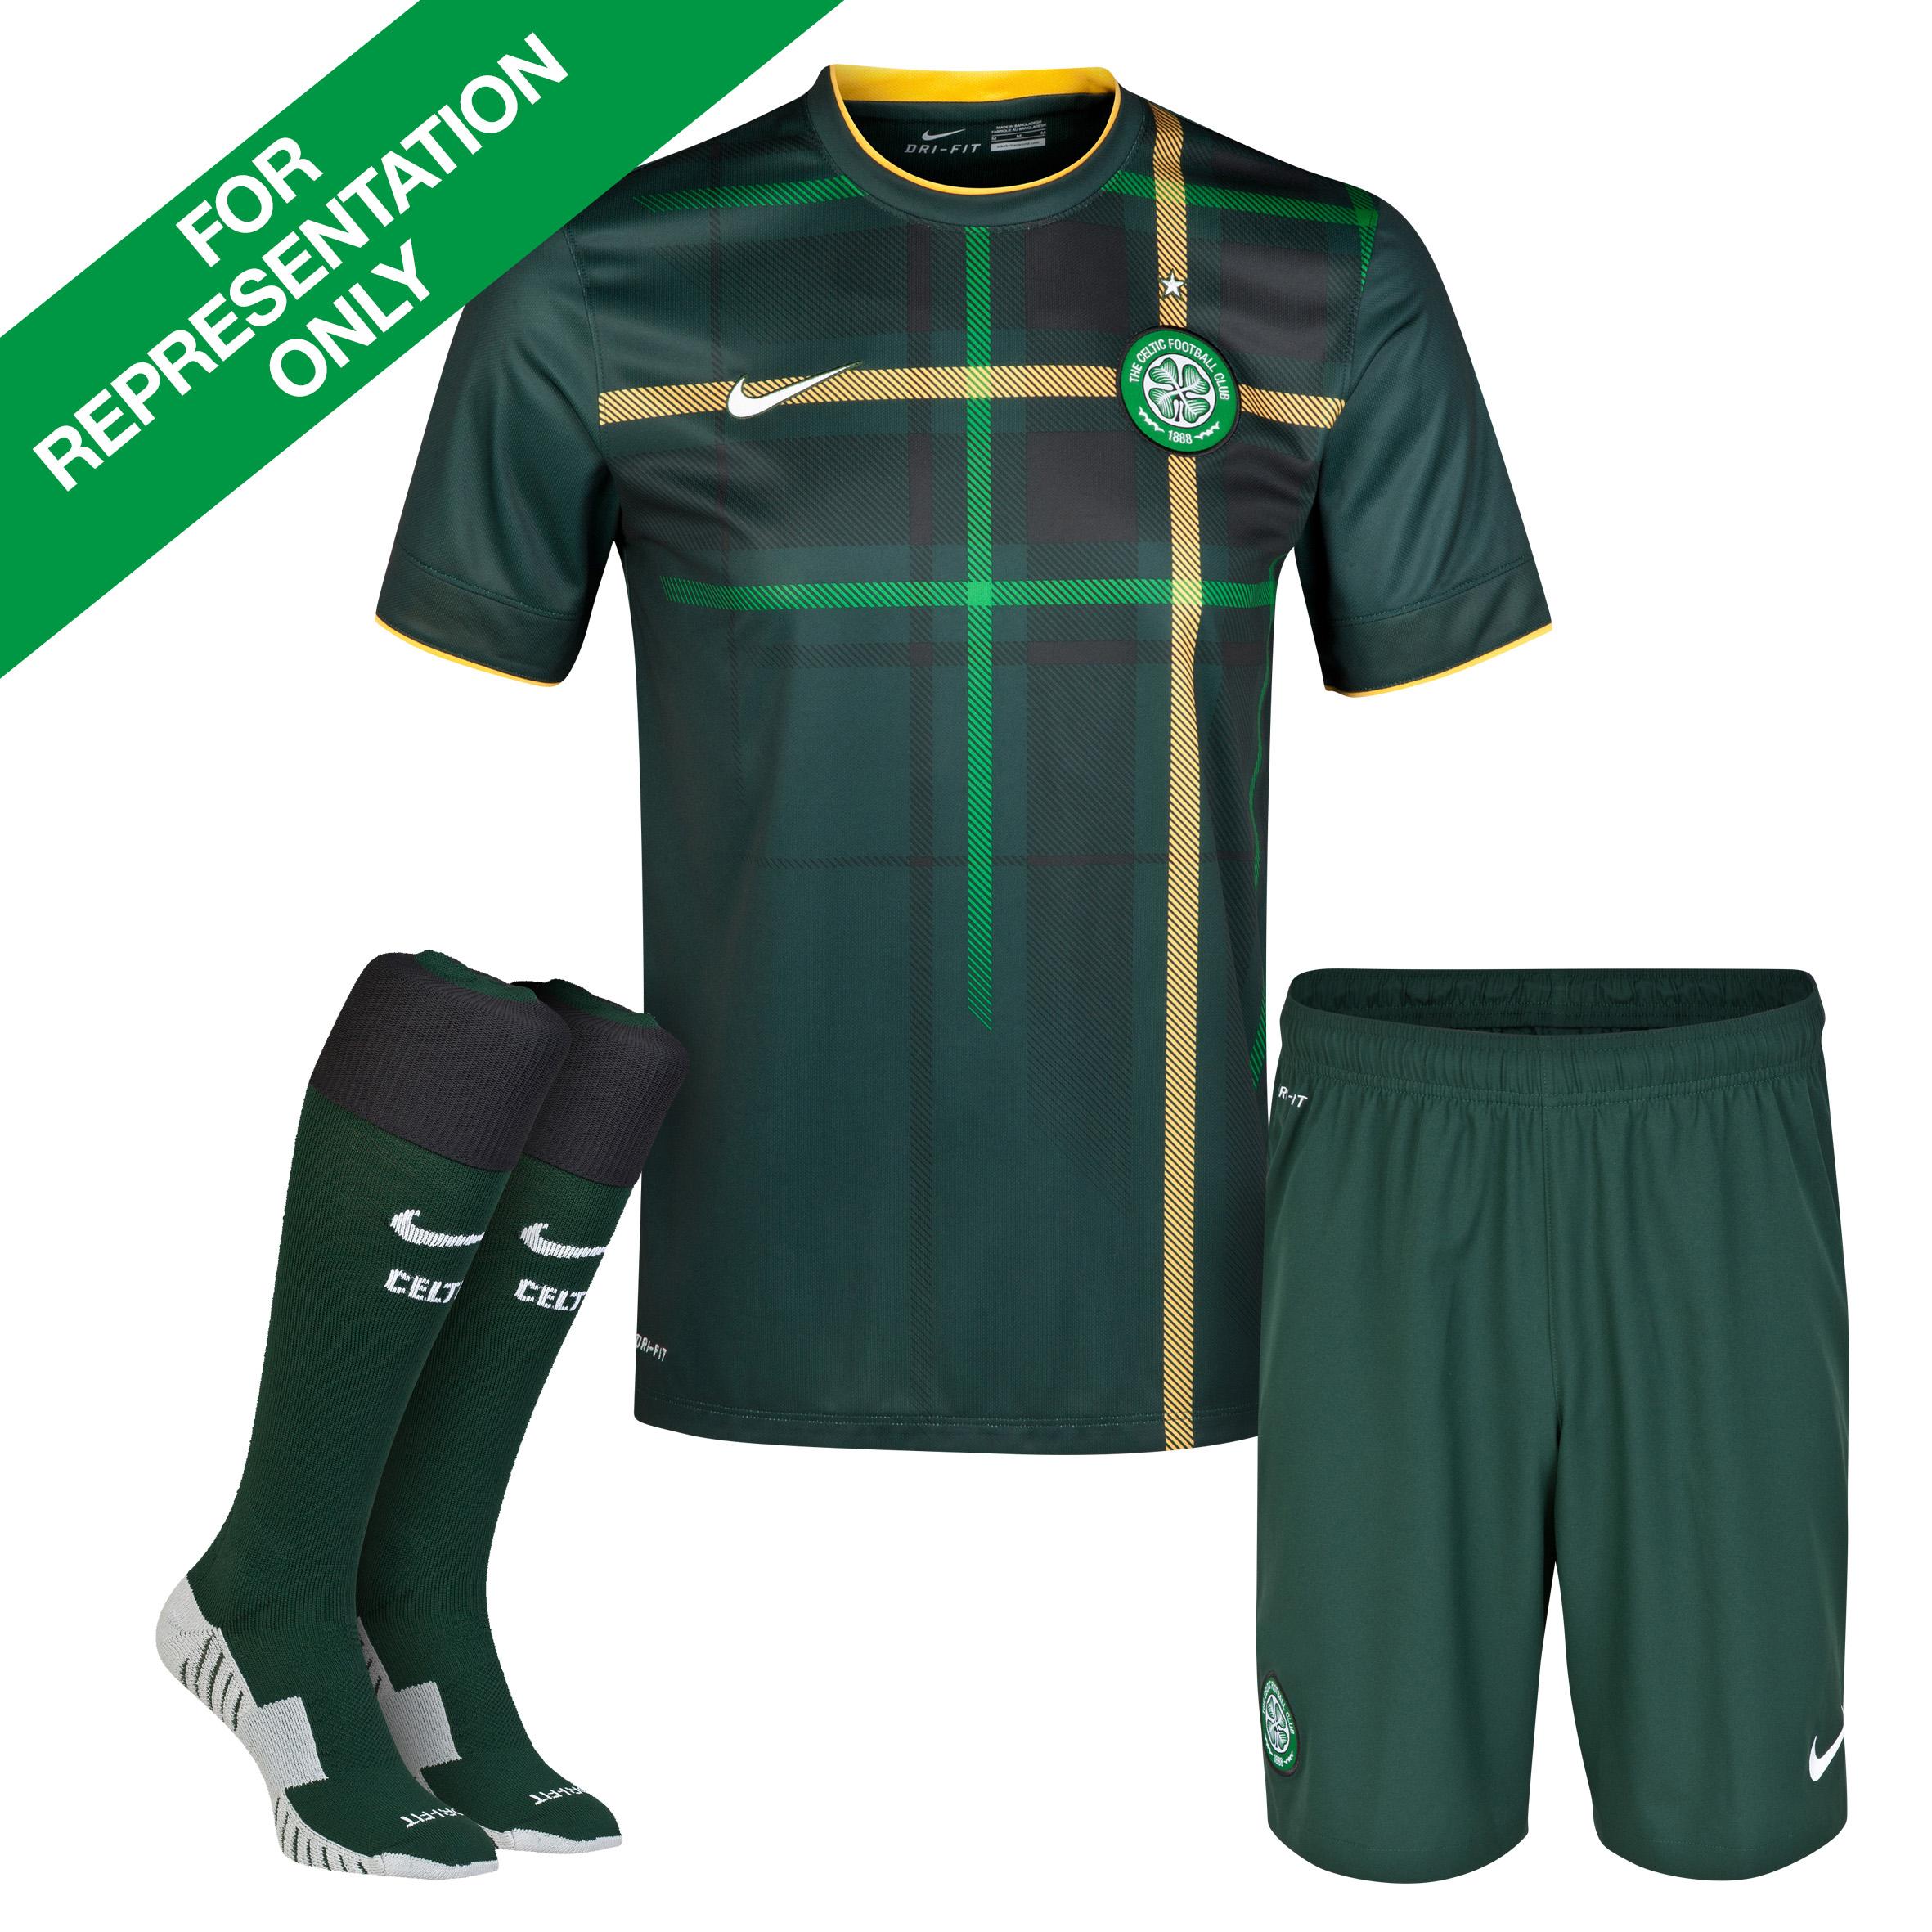 Celtic Away Kit 2014/15 - Infants Green